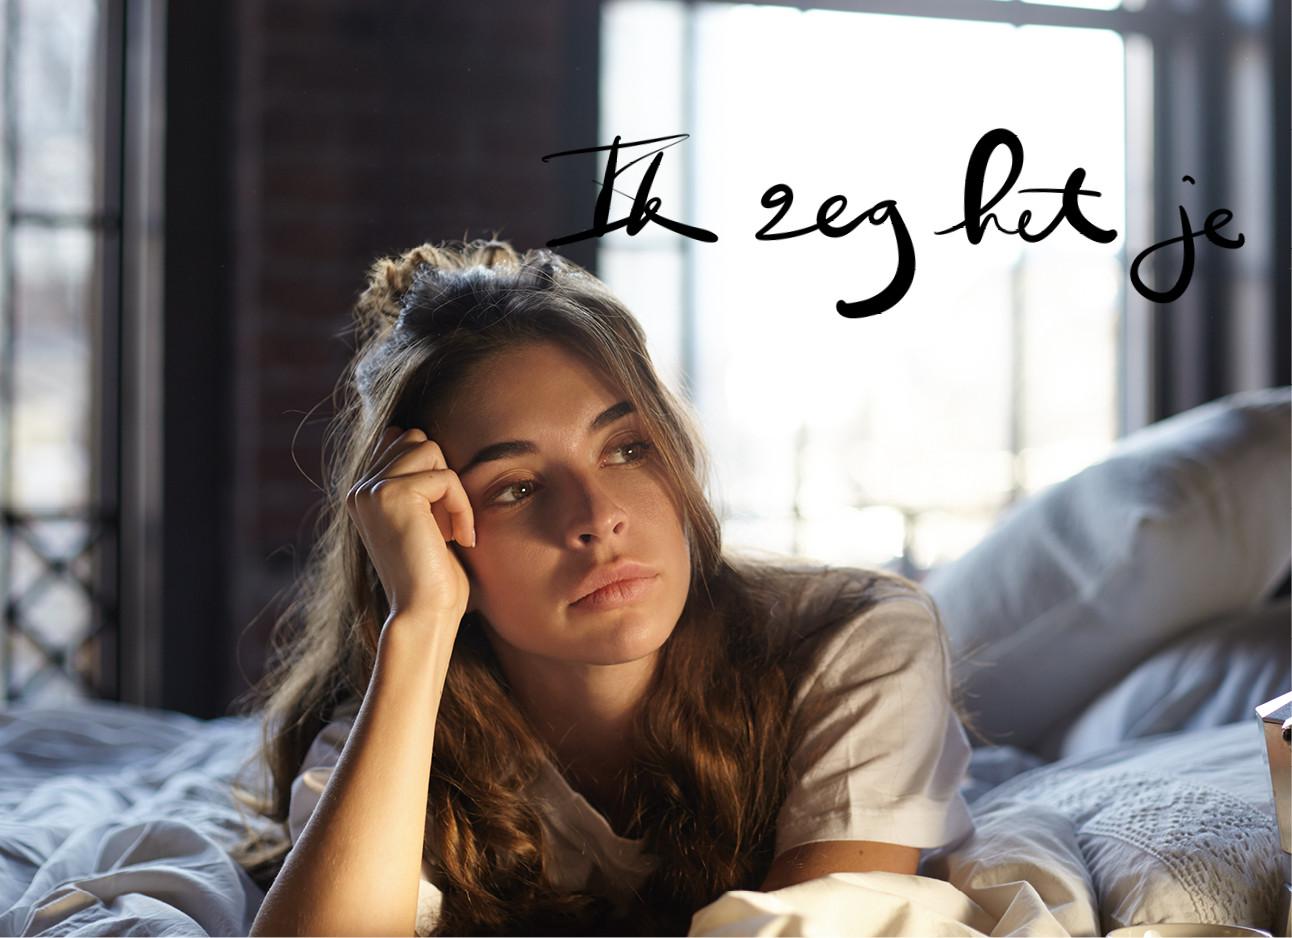 vrouw in bed leunt met haar hoofd op haar hand en kijkt verdrietig/verveeld, ik zeg het je